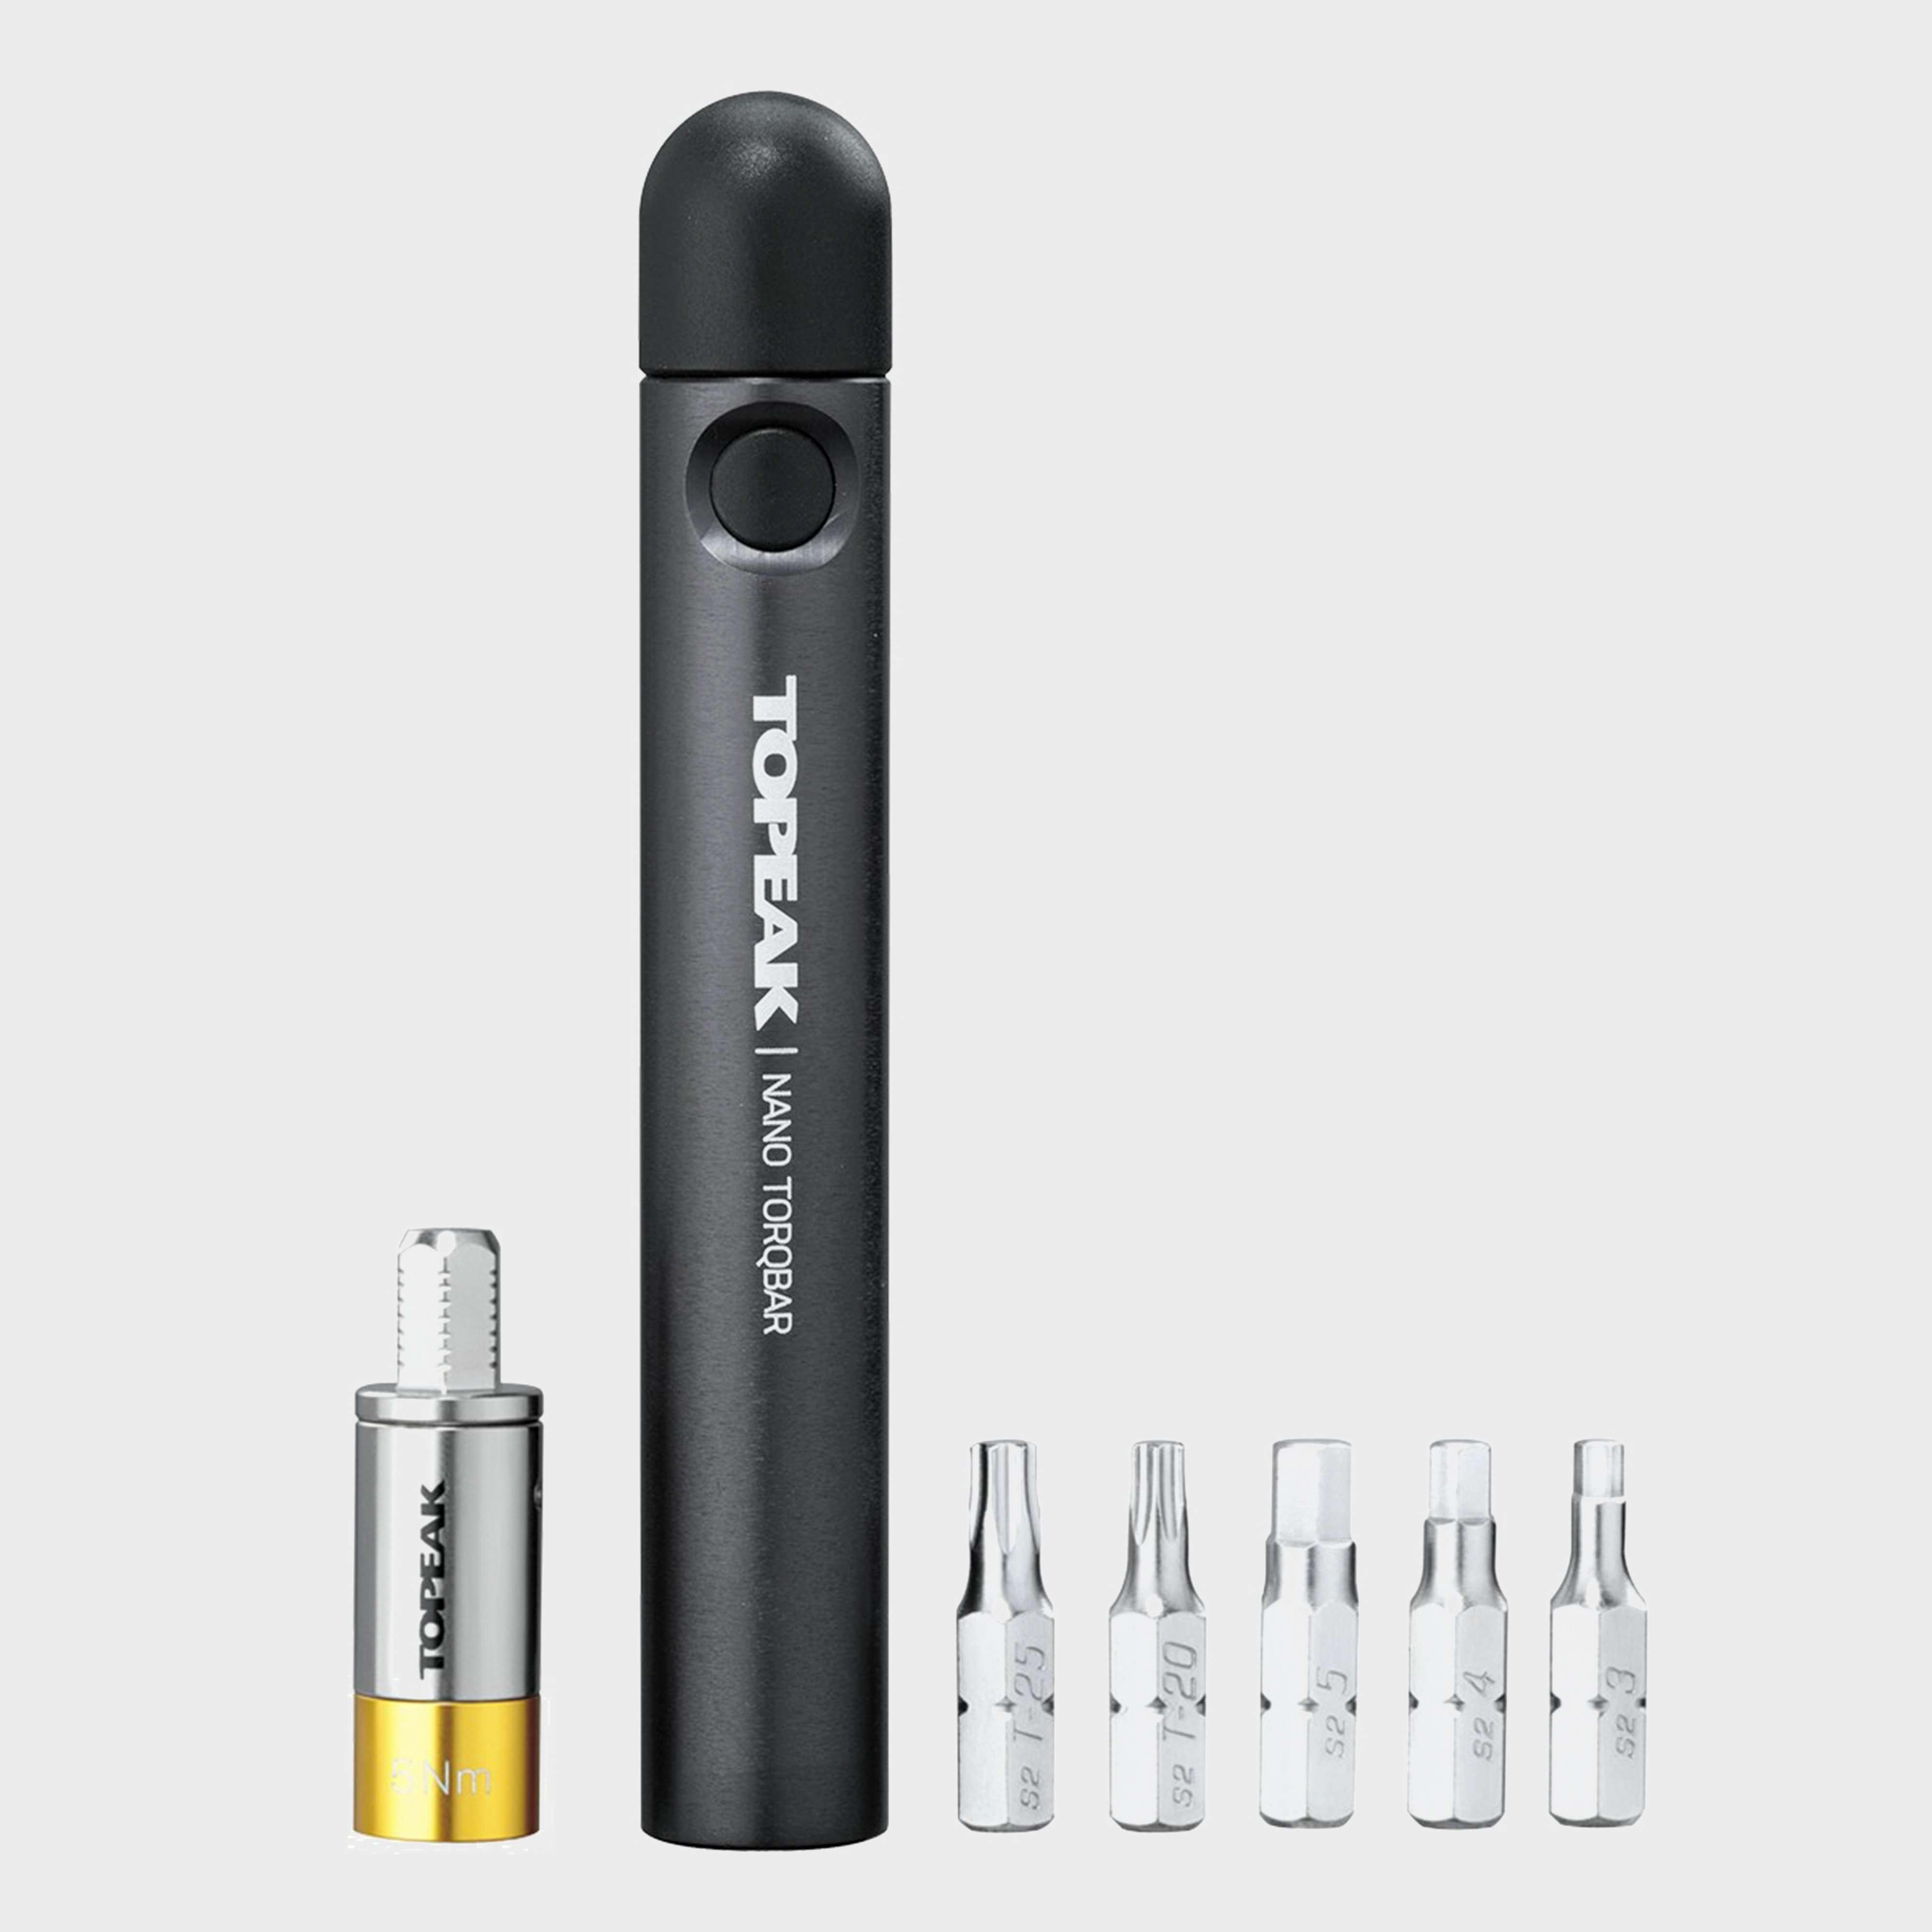 TOPEAK TorqBar Nano 5NM W/5